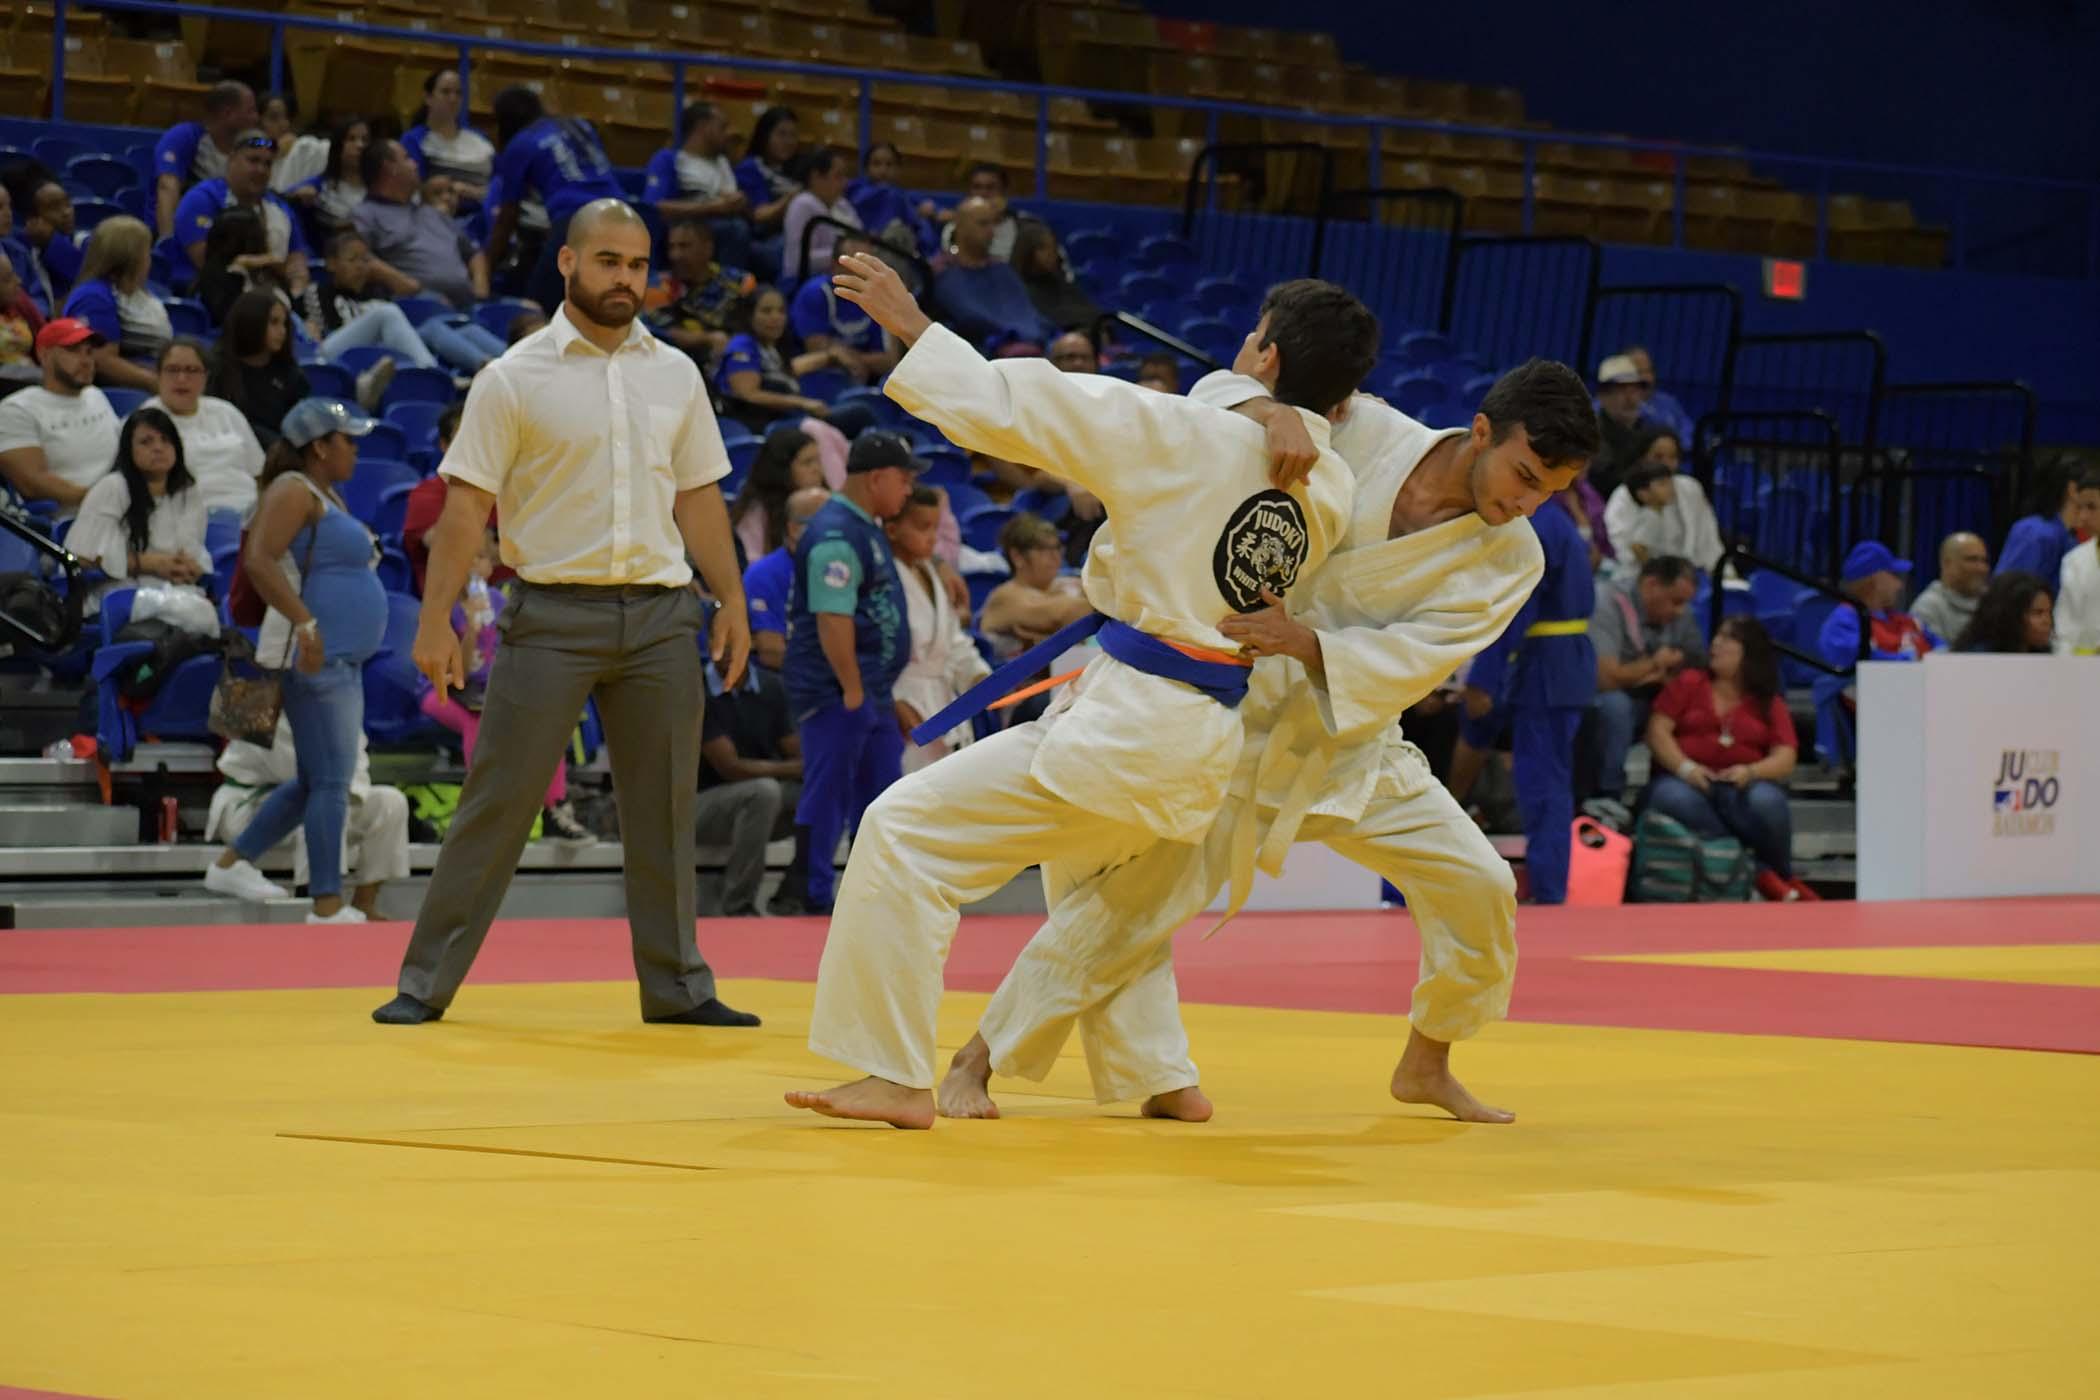 Competencia-JUDO-2019-83